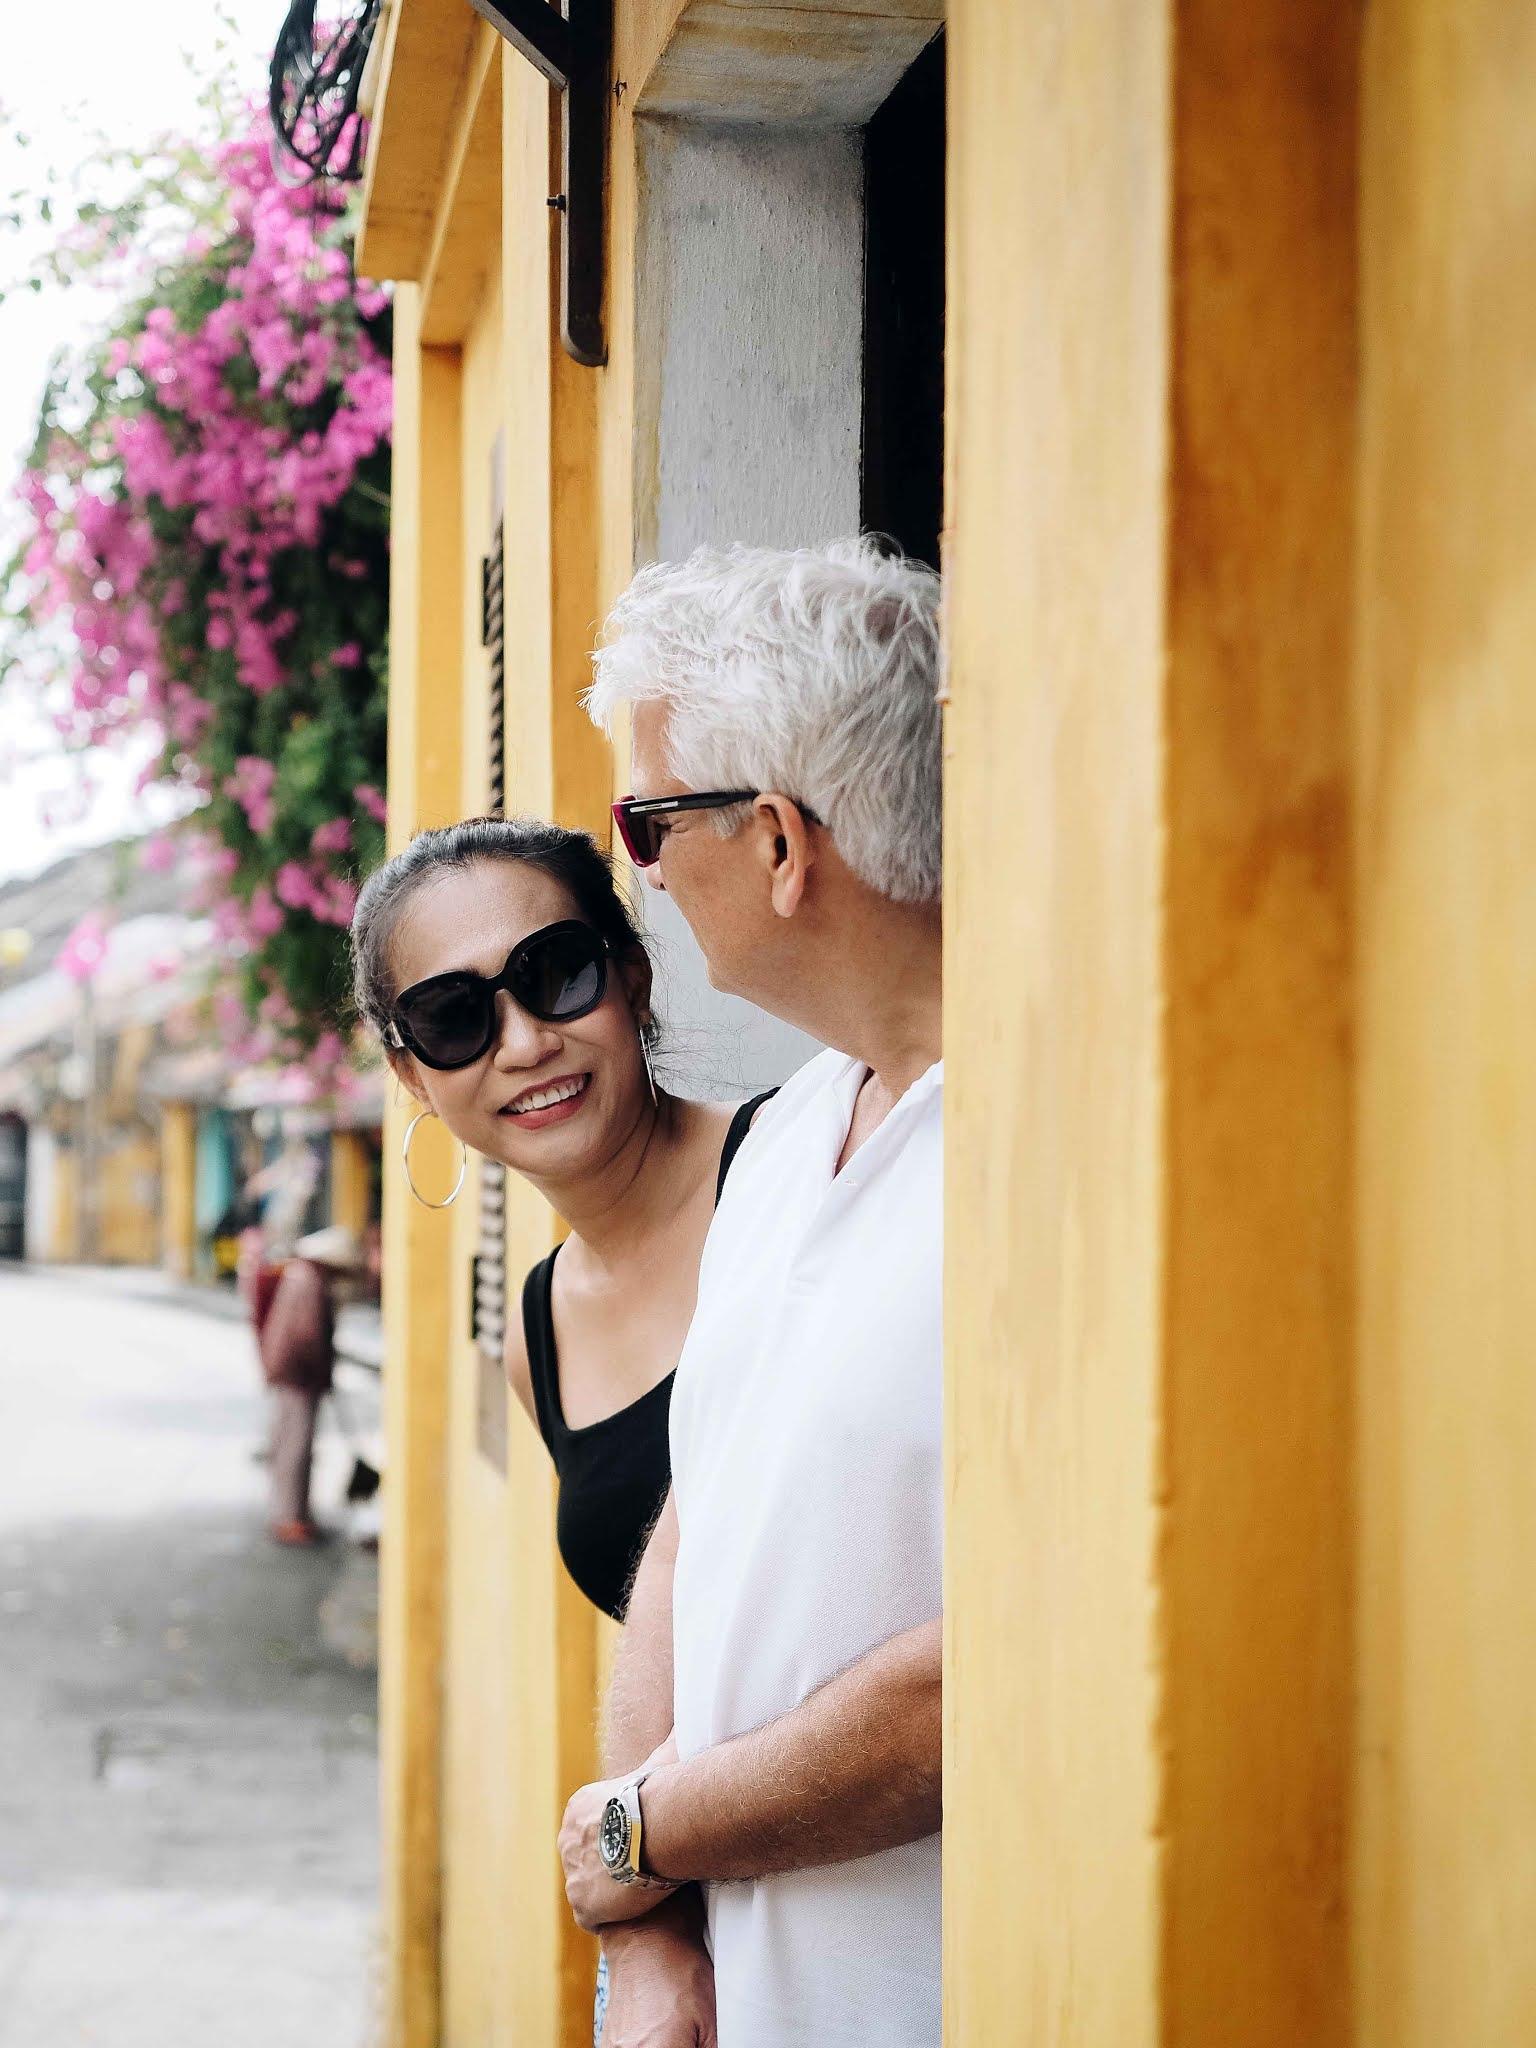 Chụp ảnh ngoại cảnh Hội An - Photographer: Khôi Trần